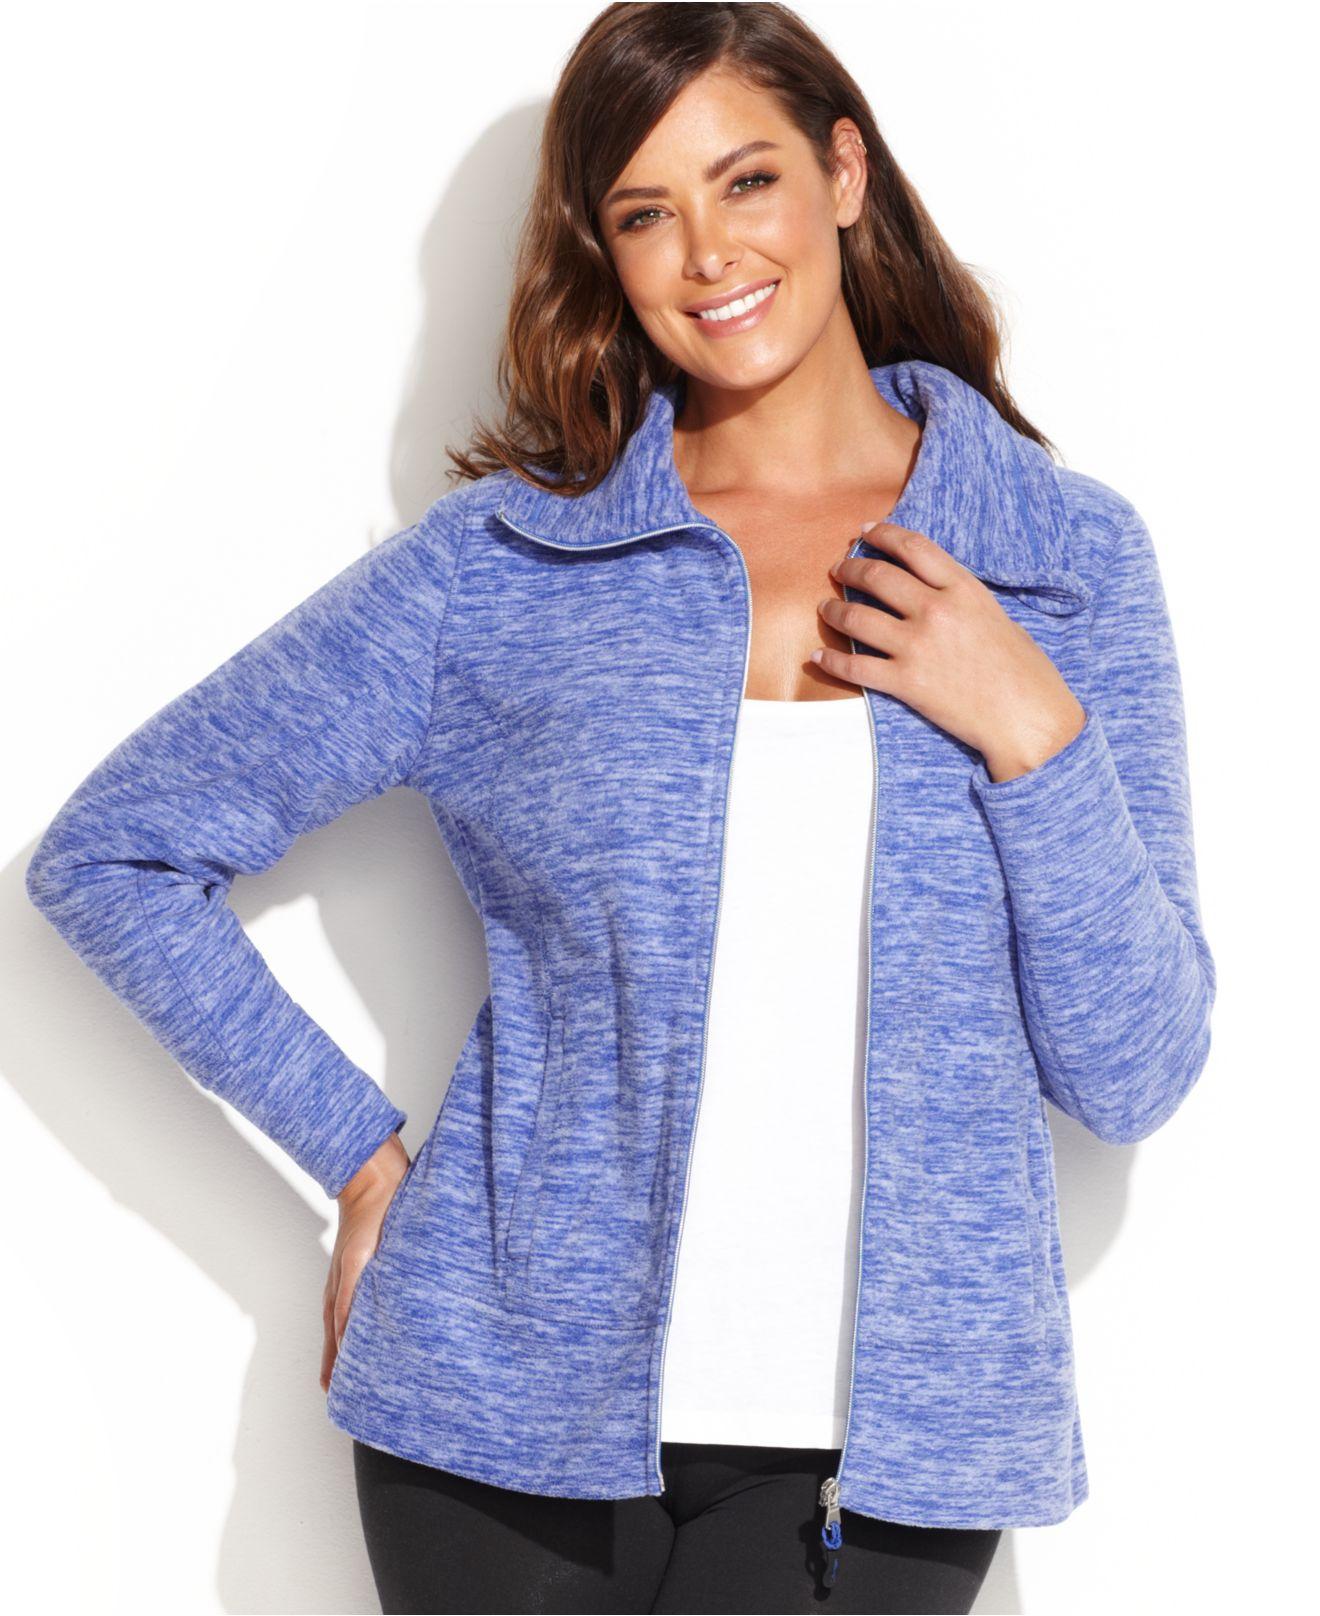 Calvin klein Performance Plus Size Patterned Fleece Jacket in Blue ...